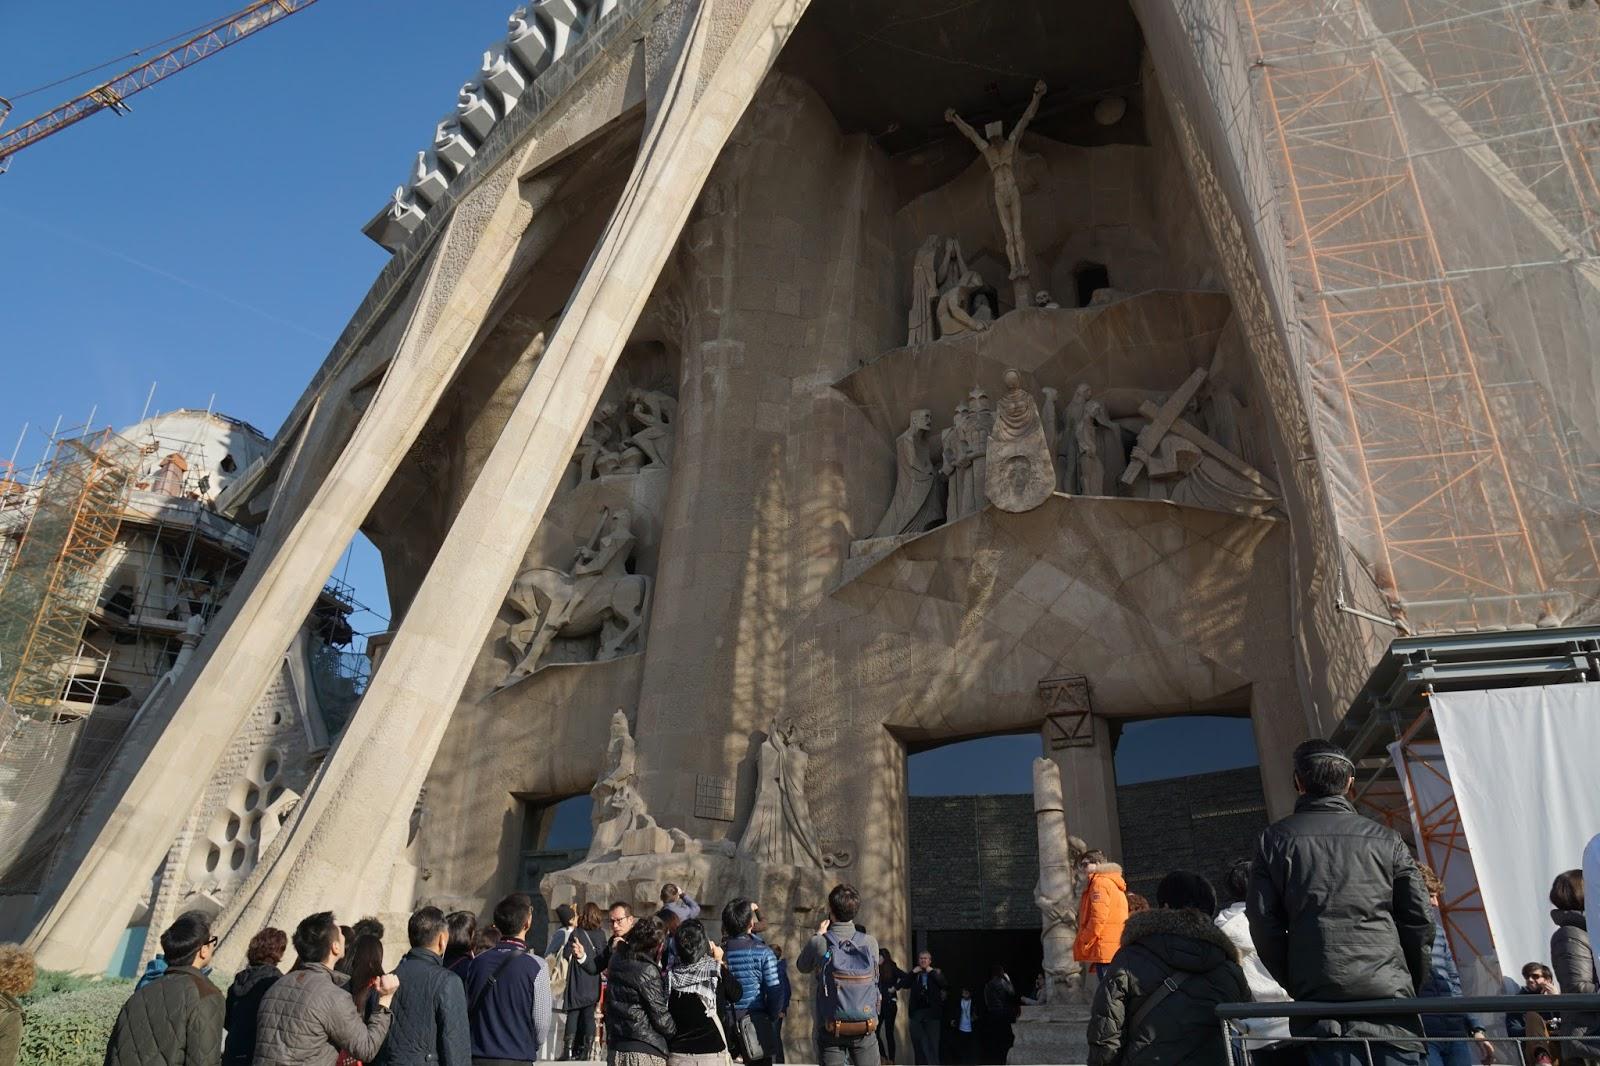 サグラダ・ファミリア (Sagrada Familia) 斜めにせり出た柱